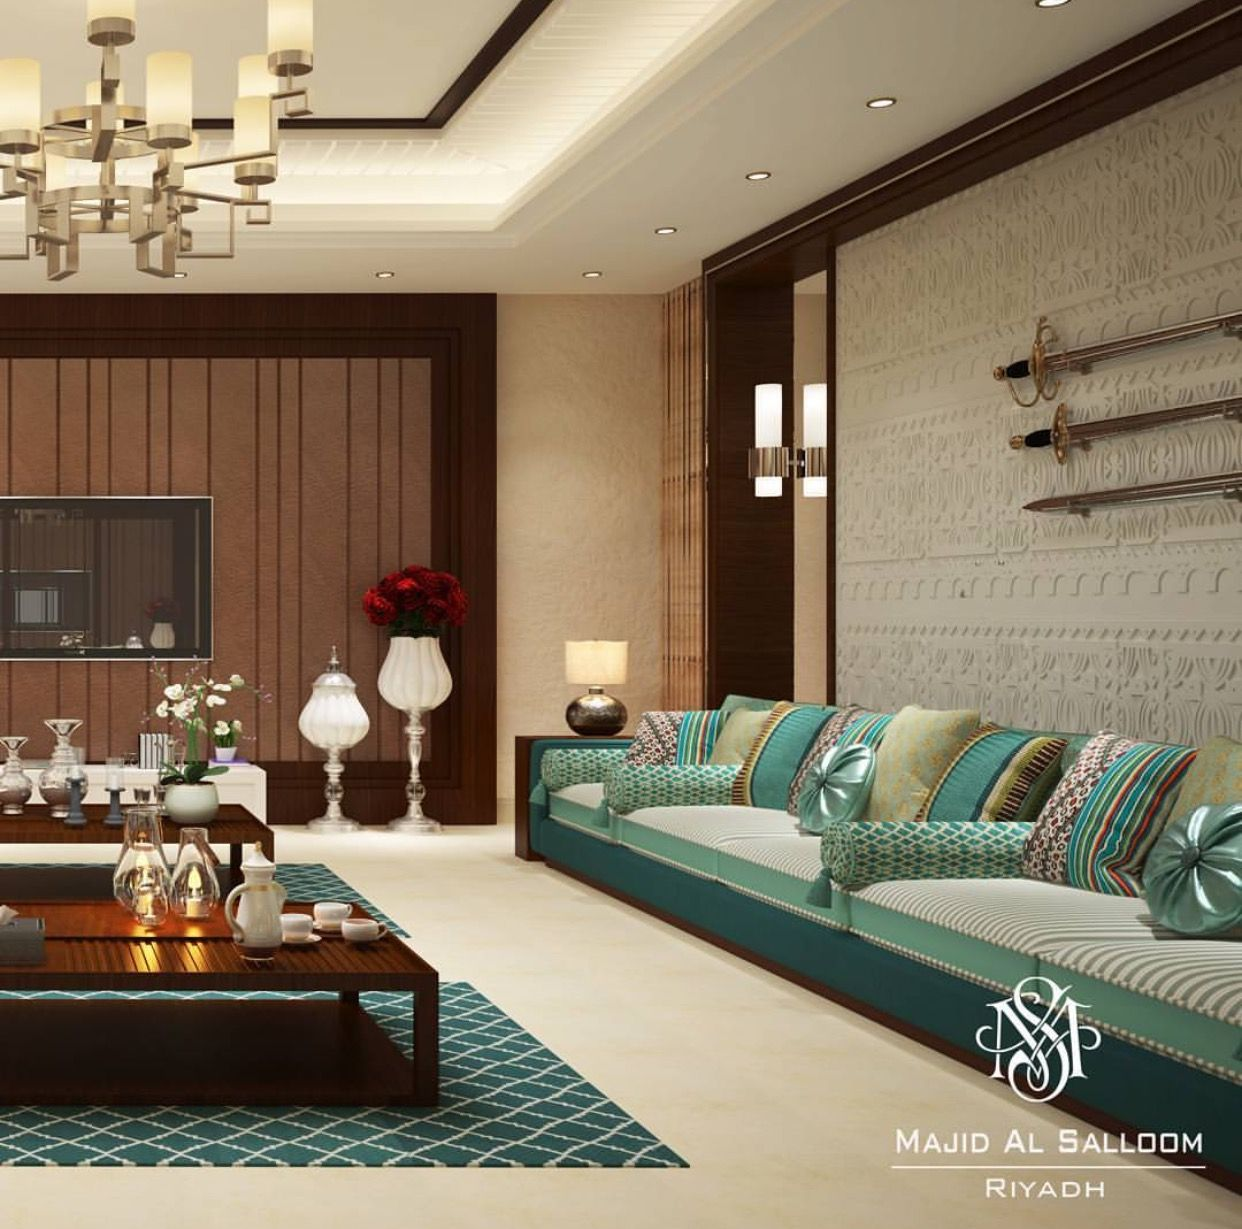 Medium Of Interior Designs Living Rooms Photos